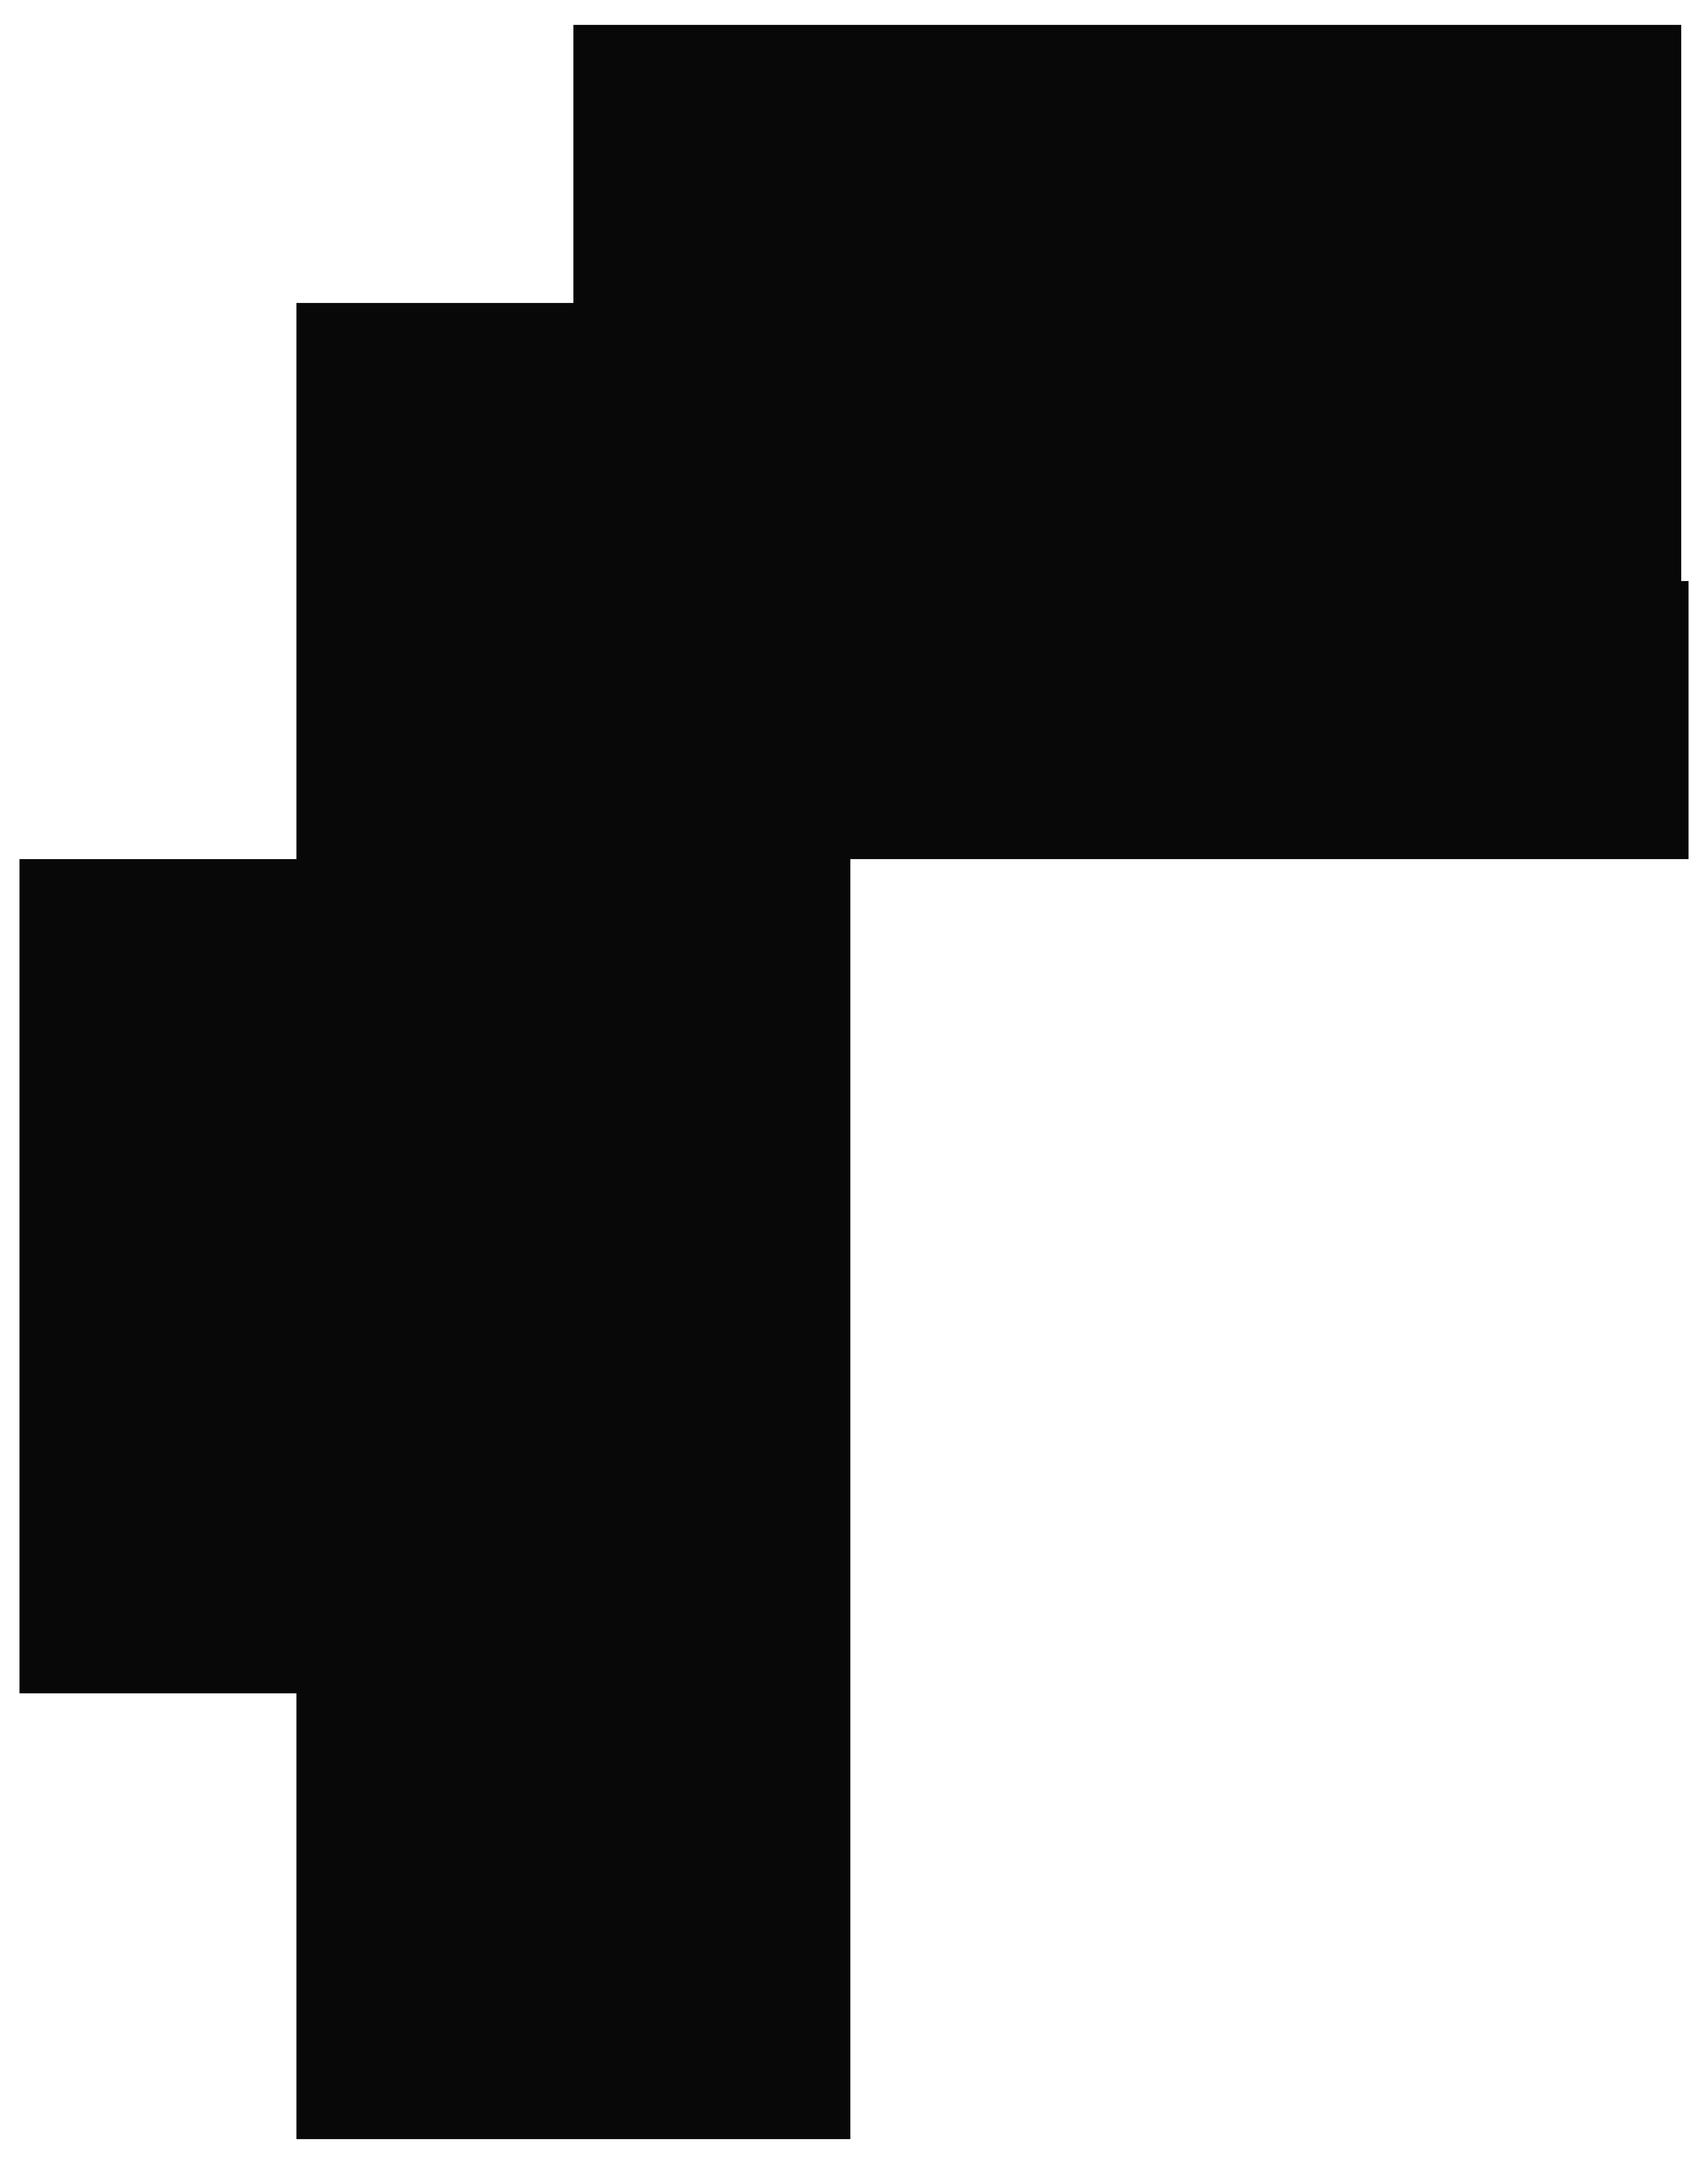 Romantic Couple Silhouettes PNG Clip Art Image.